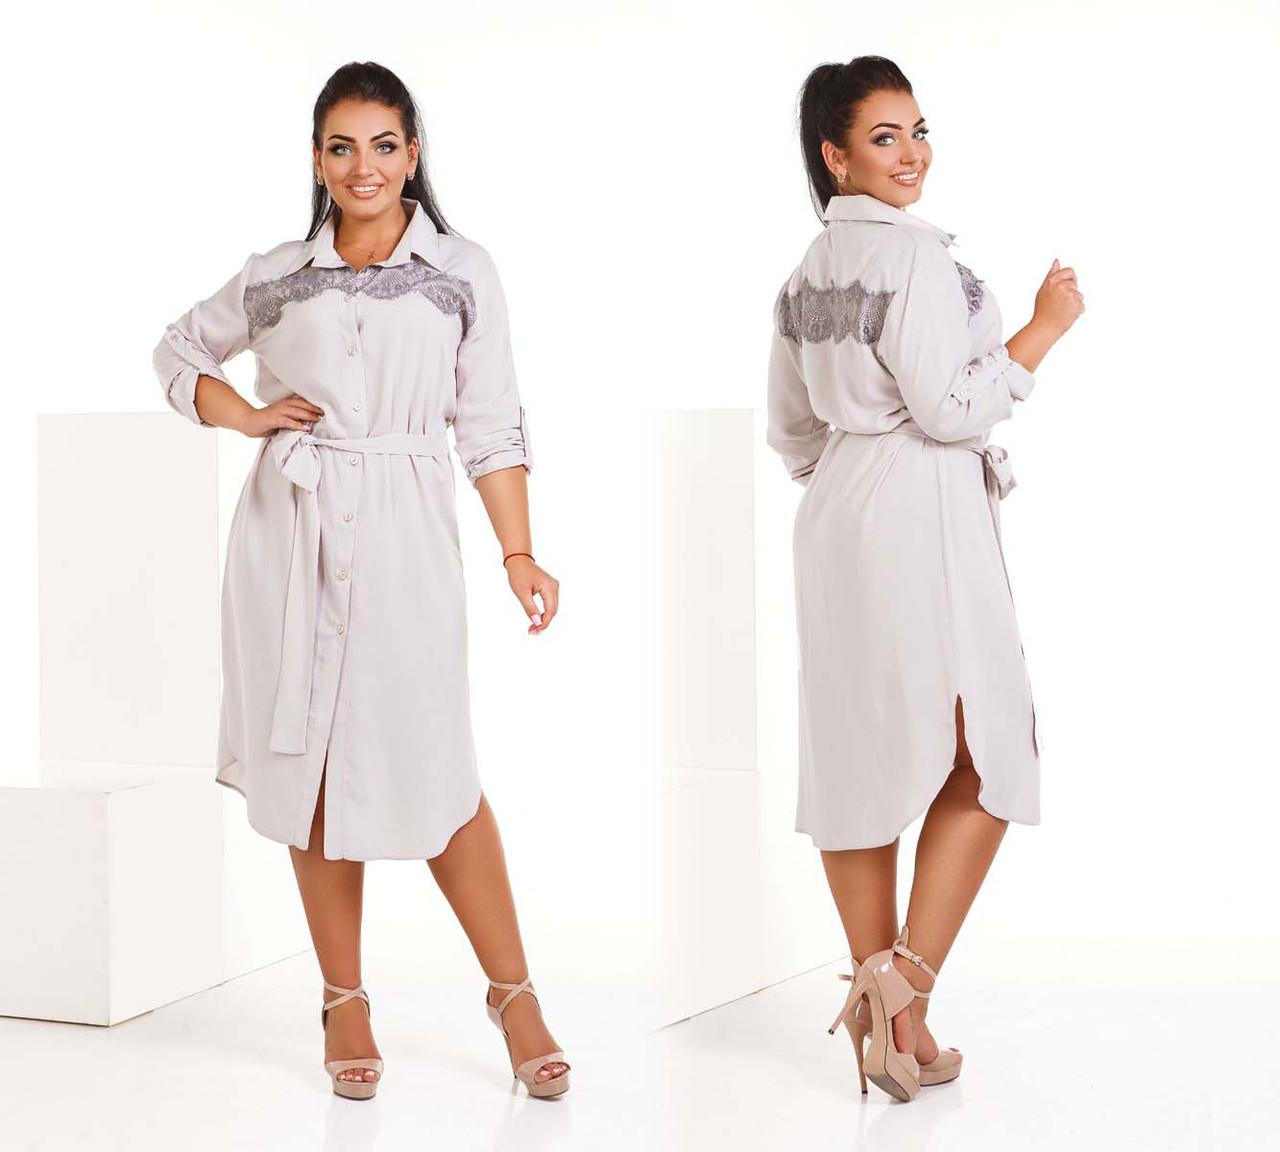 """Женское стильное платье-рубашка в больших размерах 4185 """"Штапель Кружево Миди Поясок"""""""